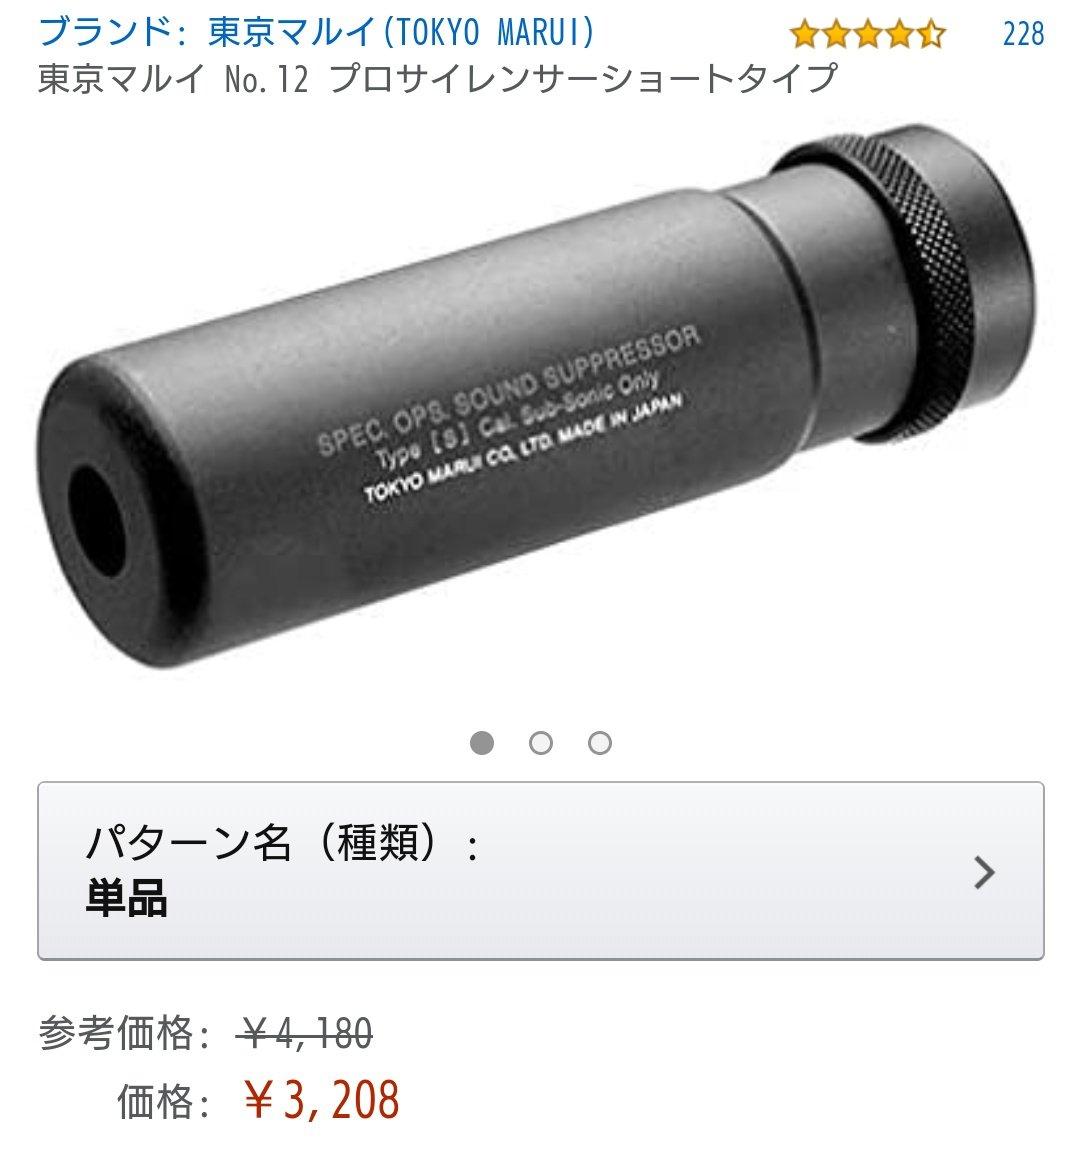 test ツイッターメディア - @A_6172_k 月並みですが私は東京マルイ「プロサイレンサーショートタイプ」がお気に入りです。 PS90HCのうるさい高音を大きく削いでくれる為、インドアで更に使い勝手が増しているのを実感しています。  その他ですとKM企画やG&Gを使ったことがありますが、さすがSOCOM-Mk23を産んだだけあり安心感は抜群です。 https://t.co/XjSSDzuYLi